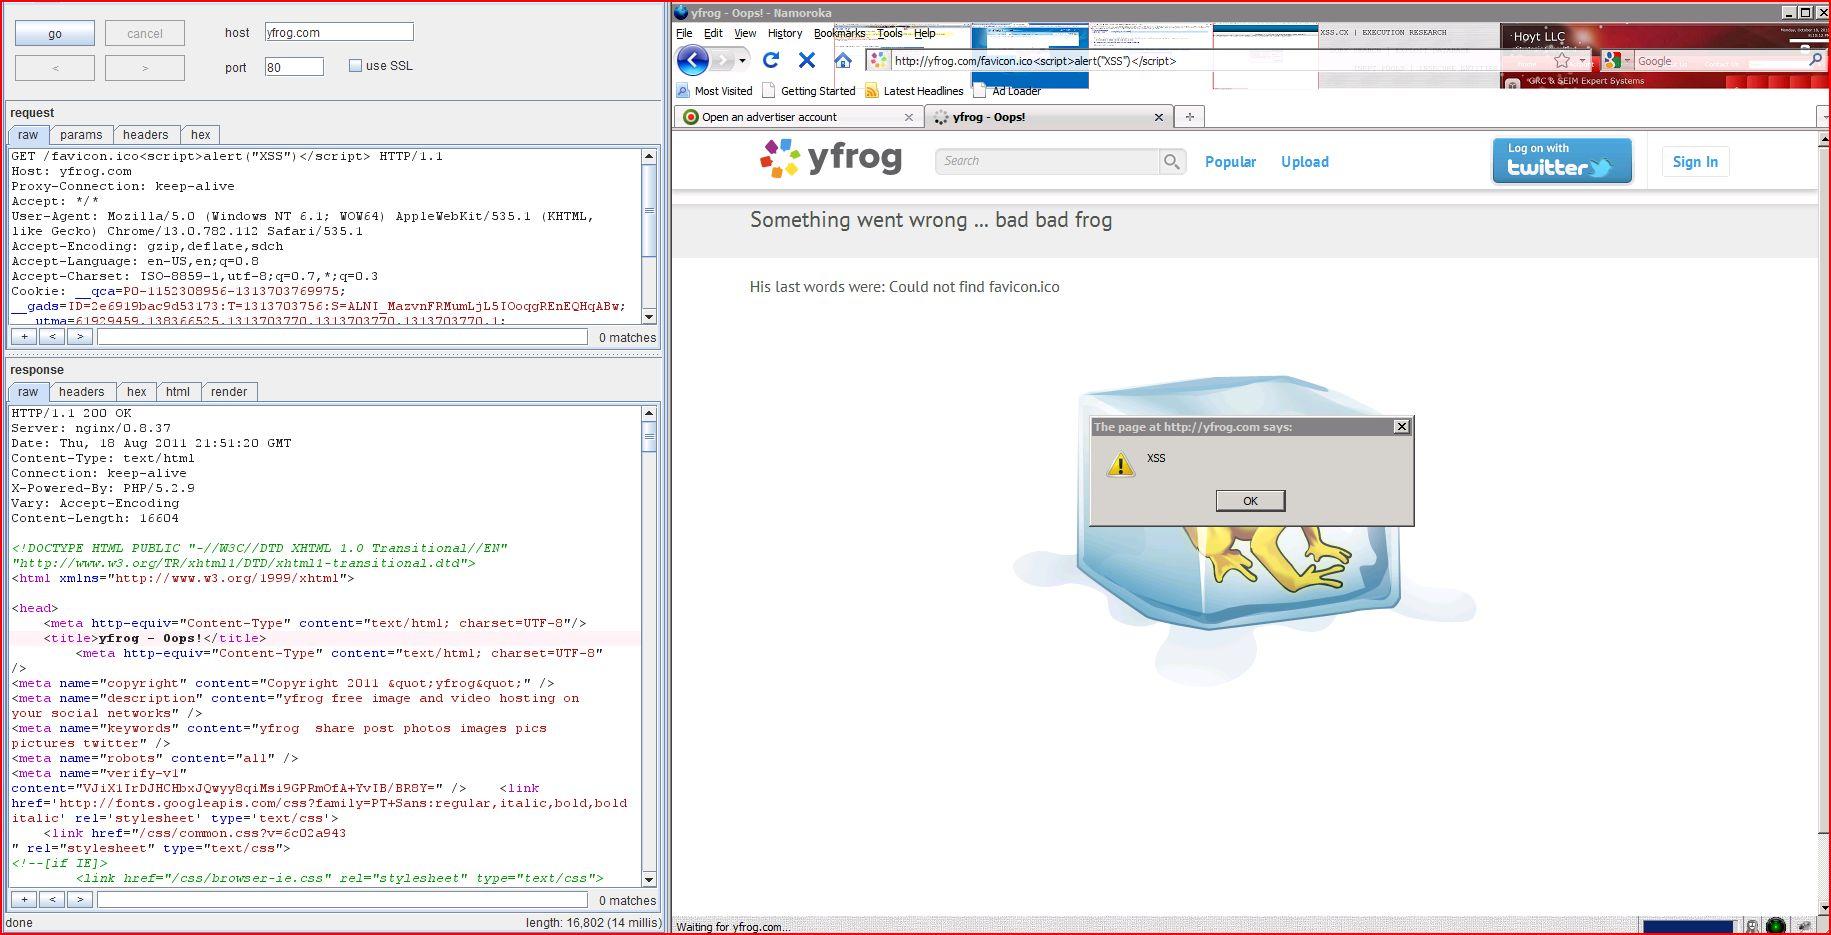 XSS in yfrog.com, XSS, DORK, GHDB, Cross Site Scripting, CWE-79, CAPEC-86